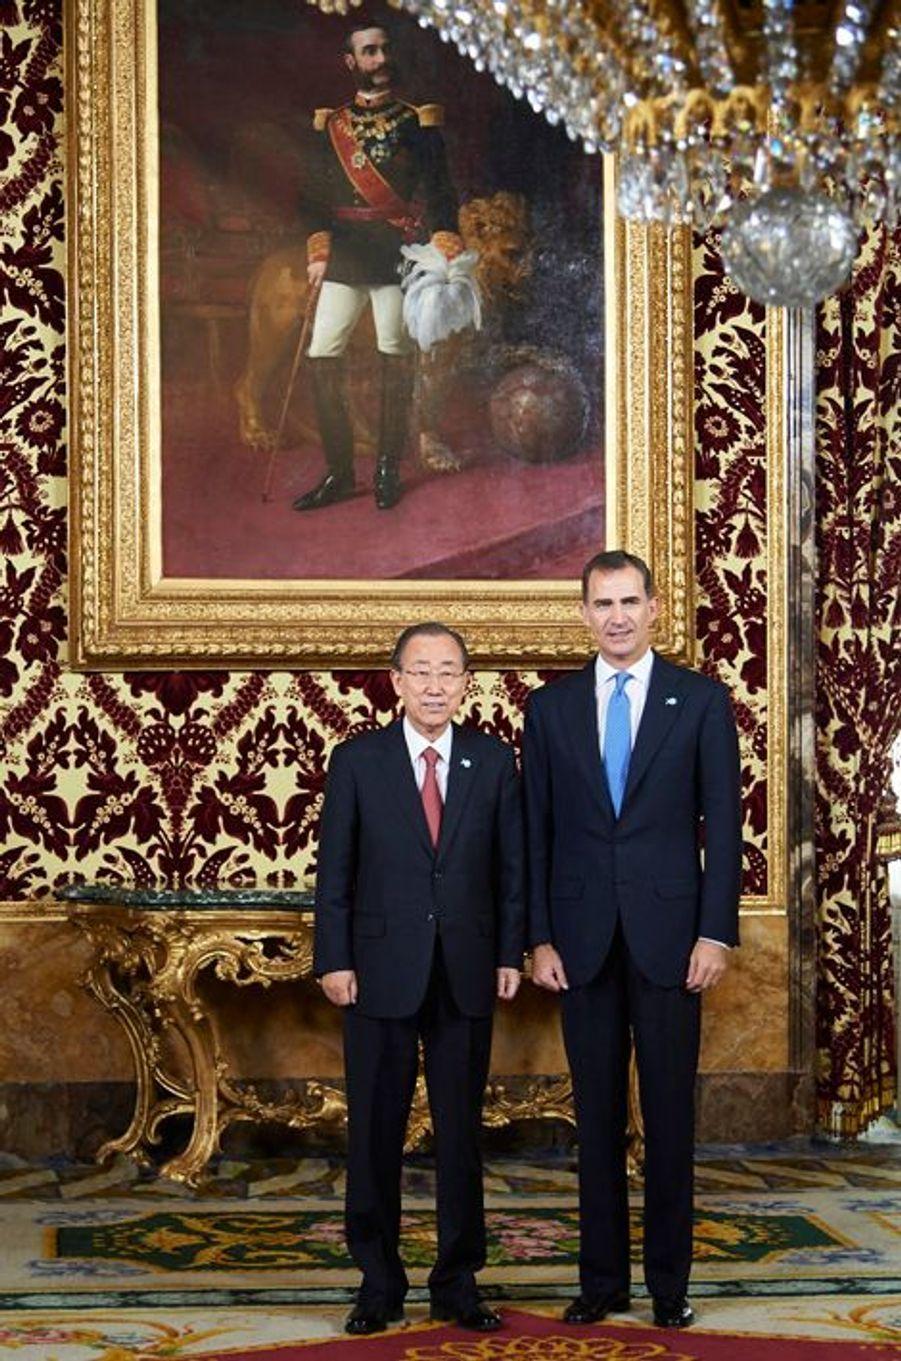 Le roi Felipe VI d'Espagne avec Ban Ki-moon au Palais royal à Madrid, le 29 octobre 2015